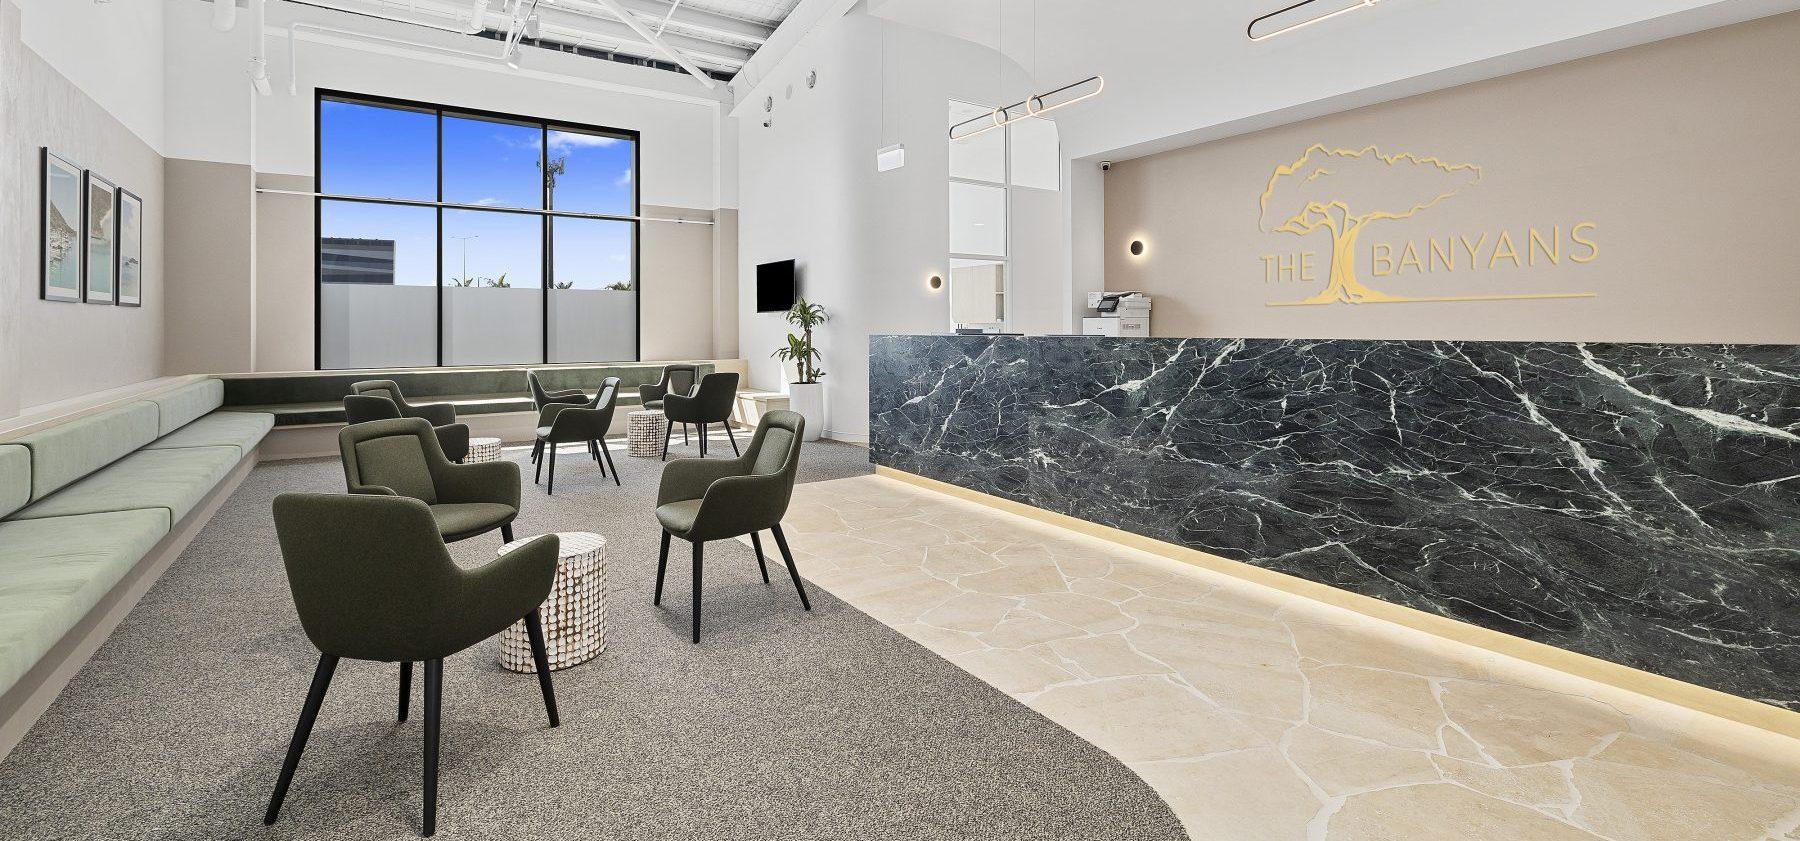 Banyans Bowen Hills Architecture-13